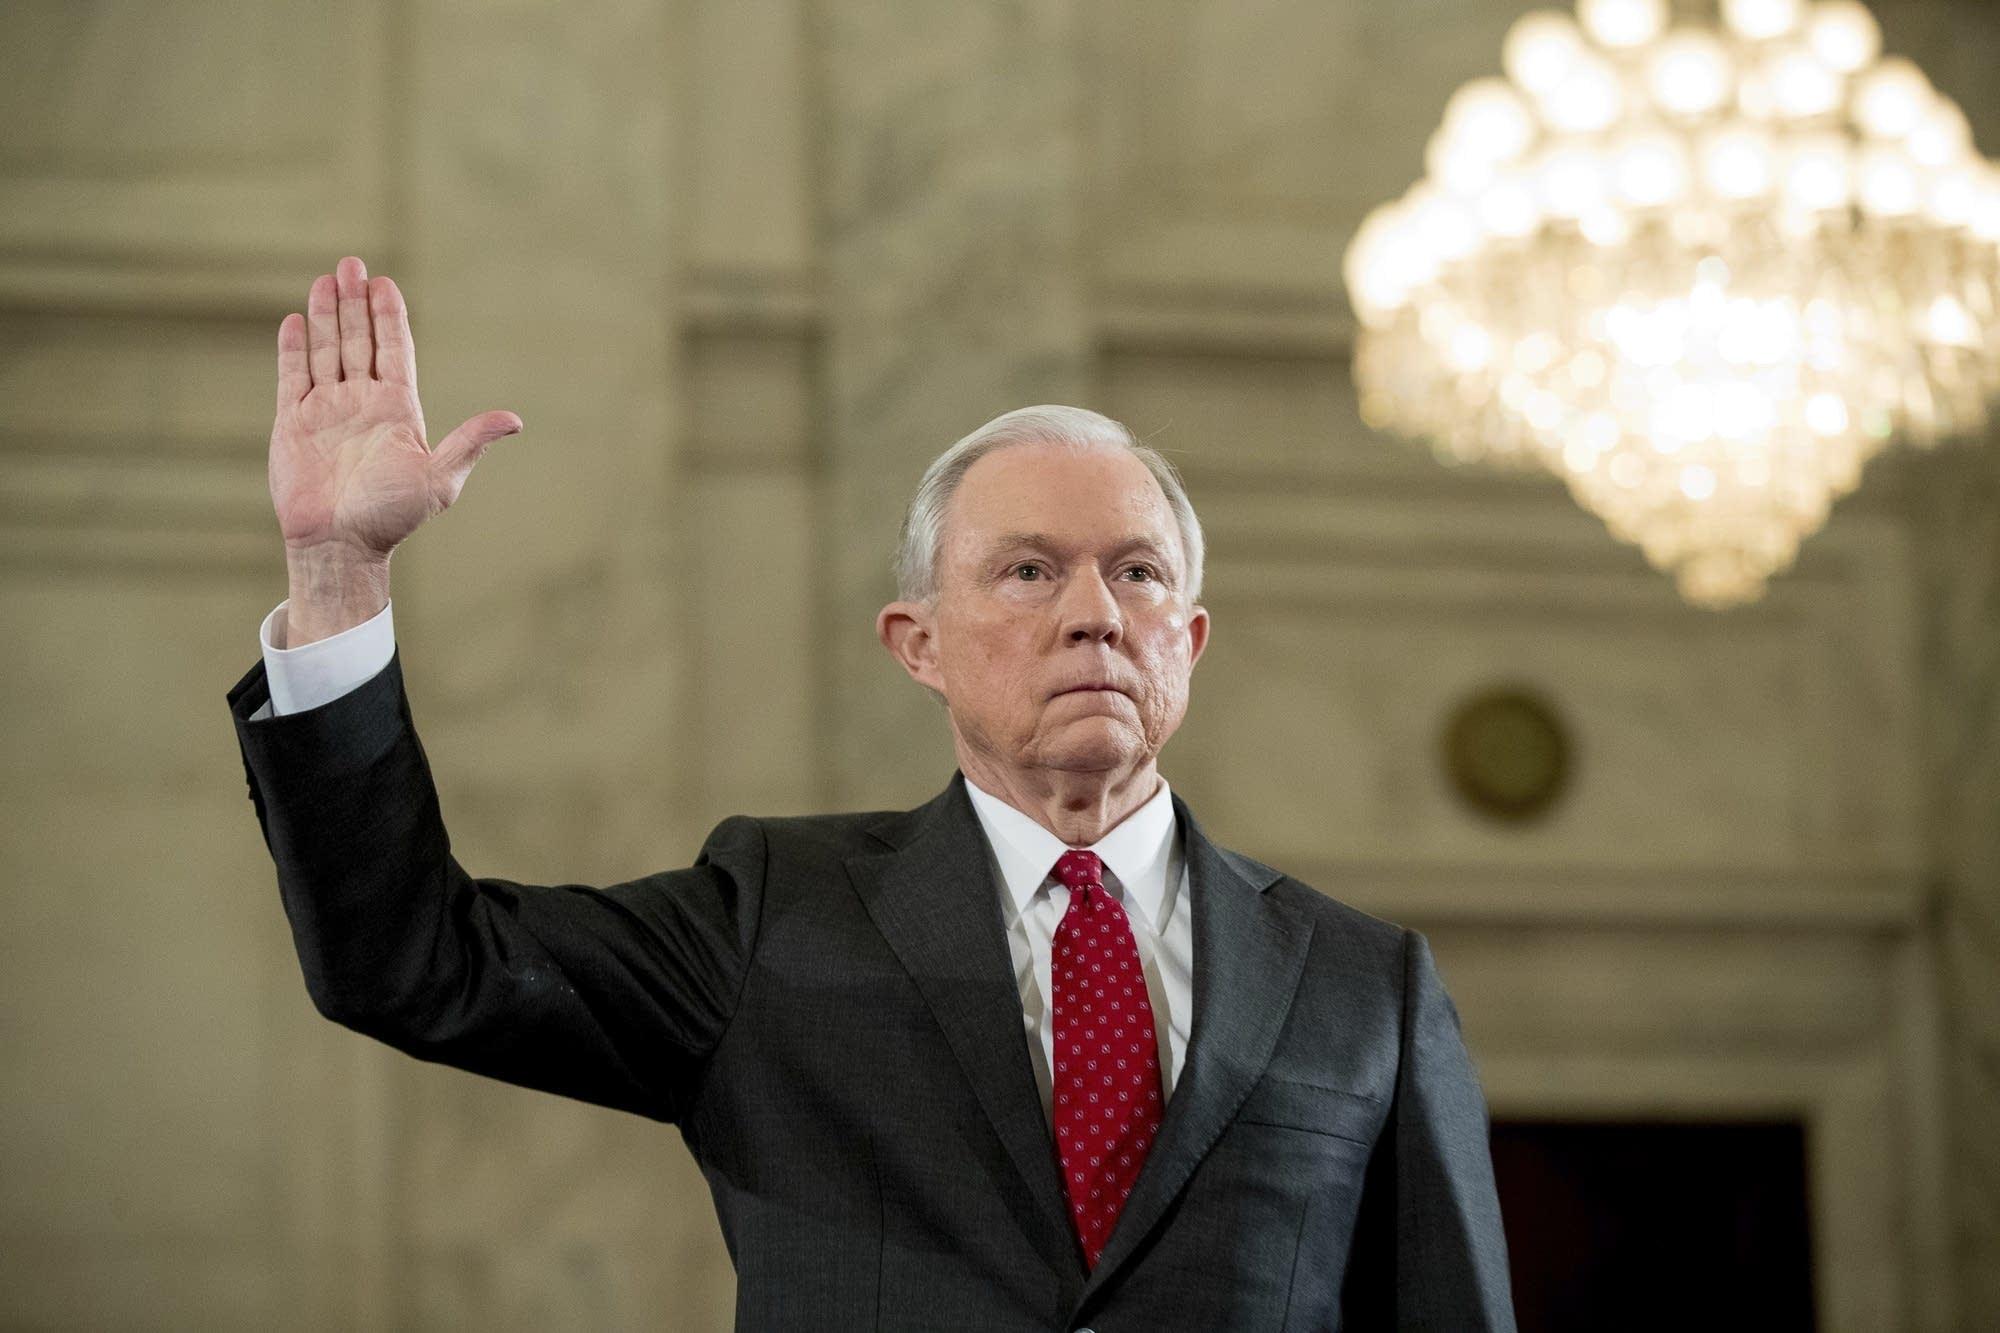 Attorney General-designate, Sen. Jeff Sessions